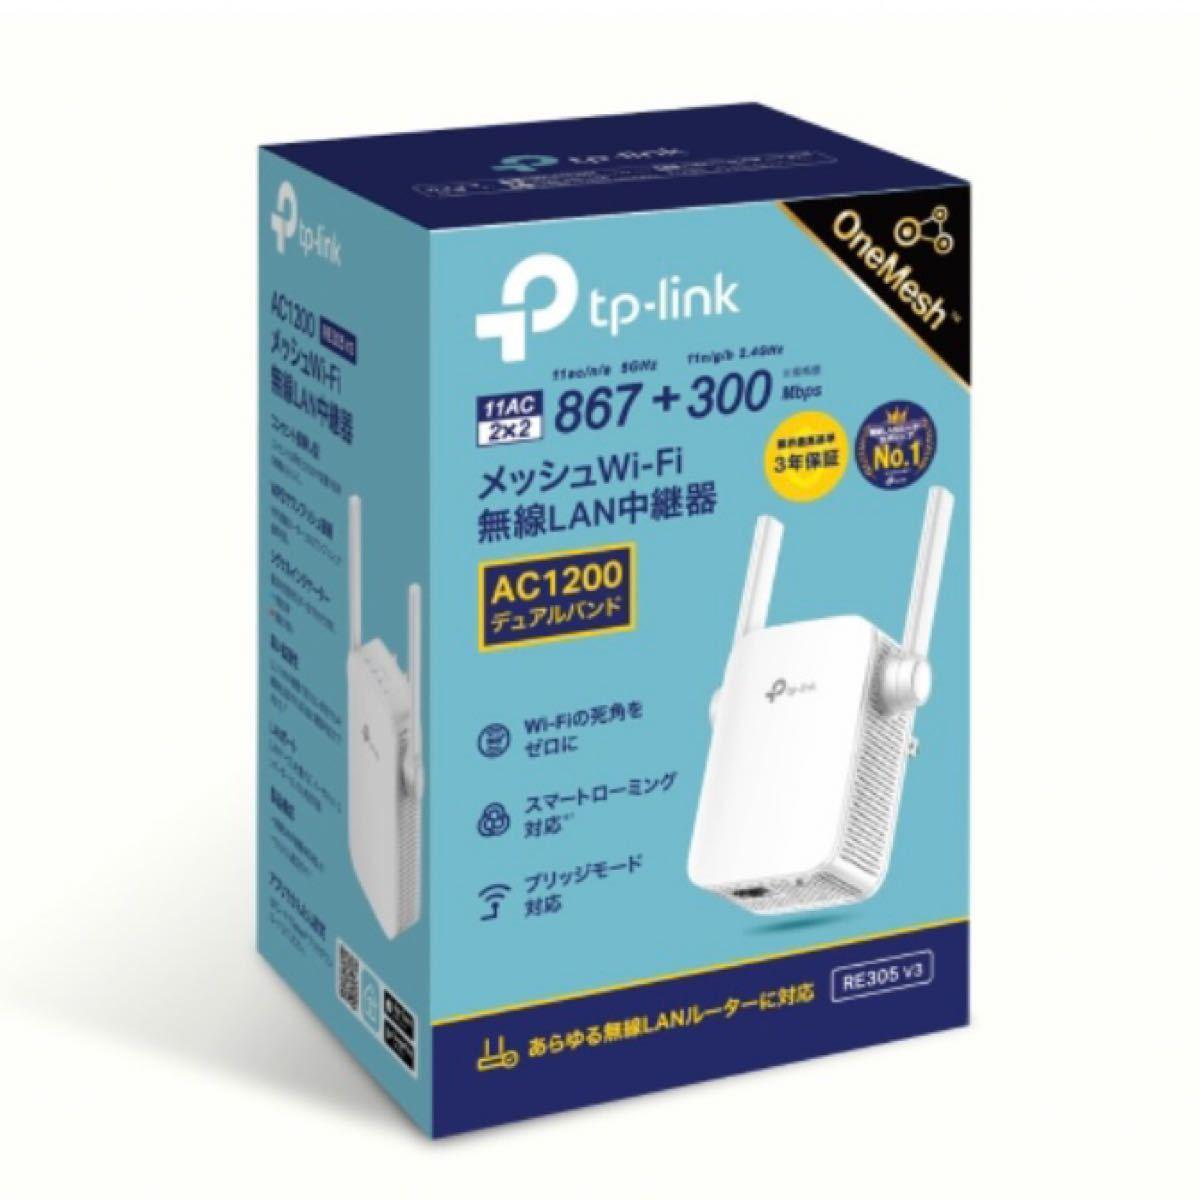 【ほぼ未使用】TP-Link メッシュWi-Fi 無線LAN中継器RE305 V3 人気AC1200動作〈確認済〉